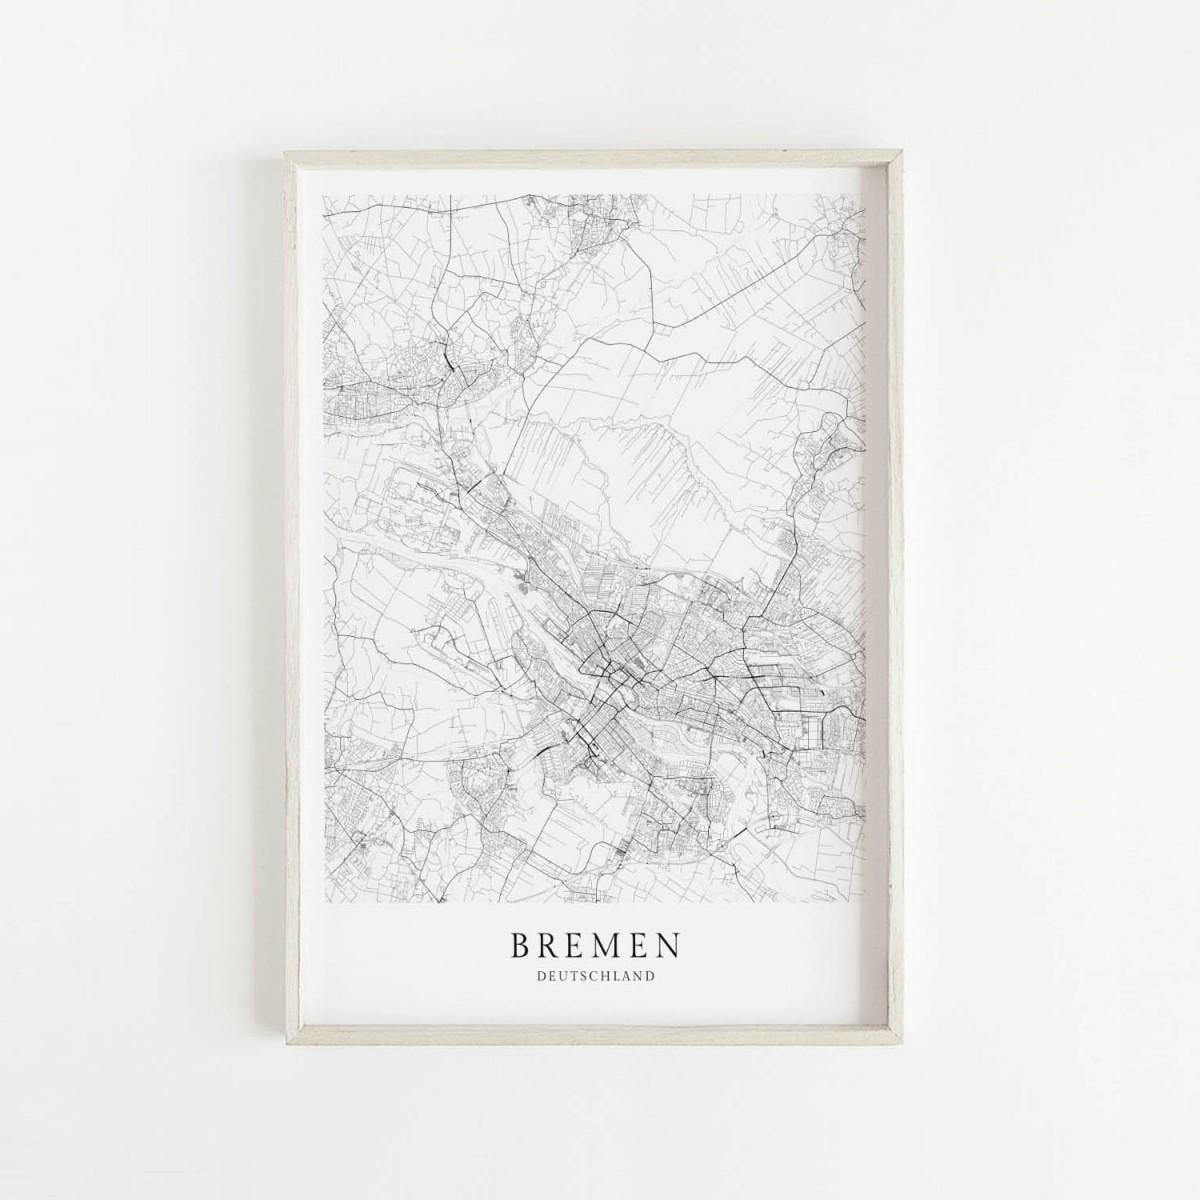 BREMEN als hochwertiges Poster im skandinavischen Stil von Skanemarie +++ Geschenkidee